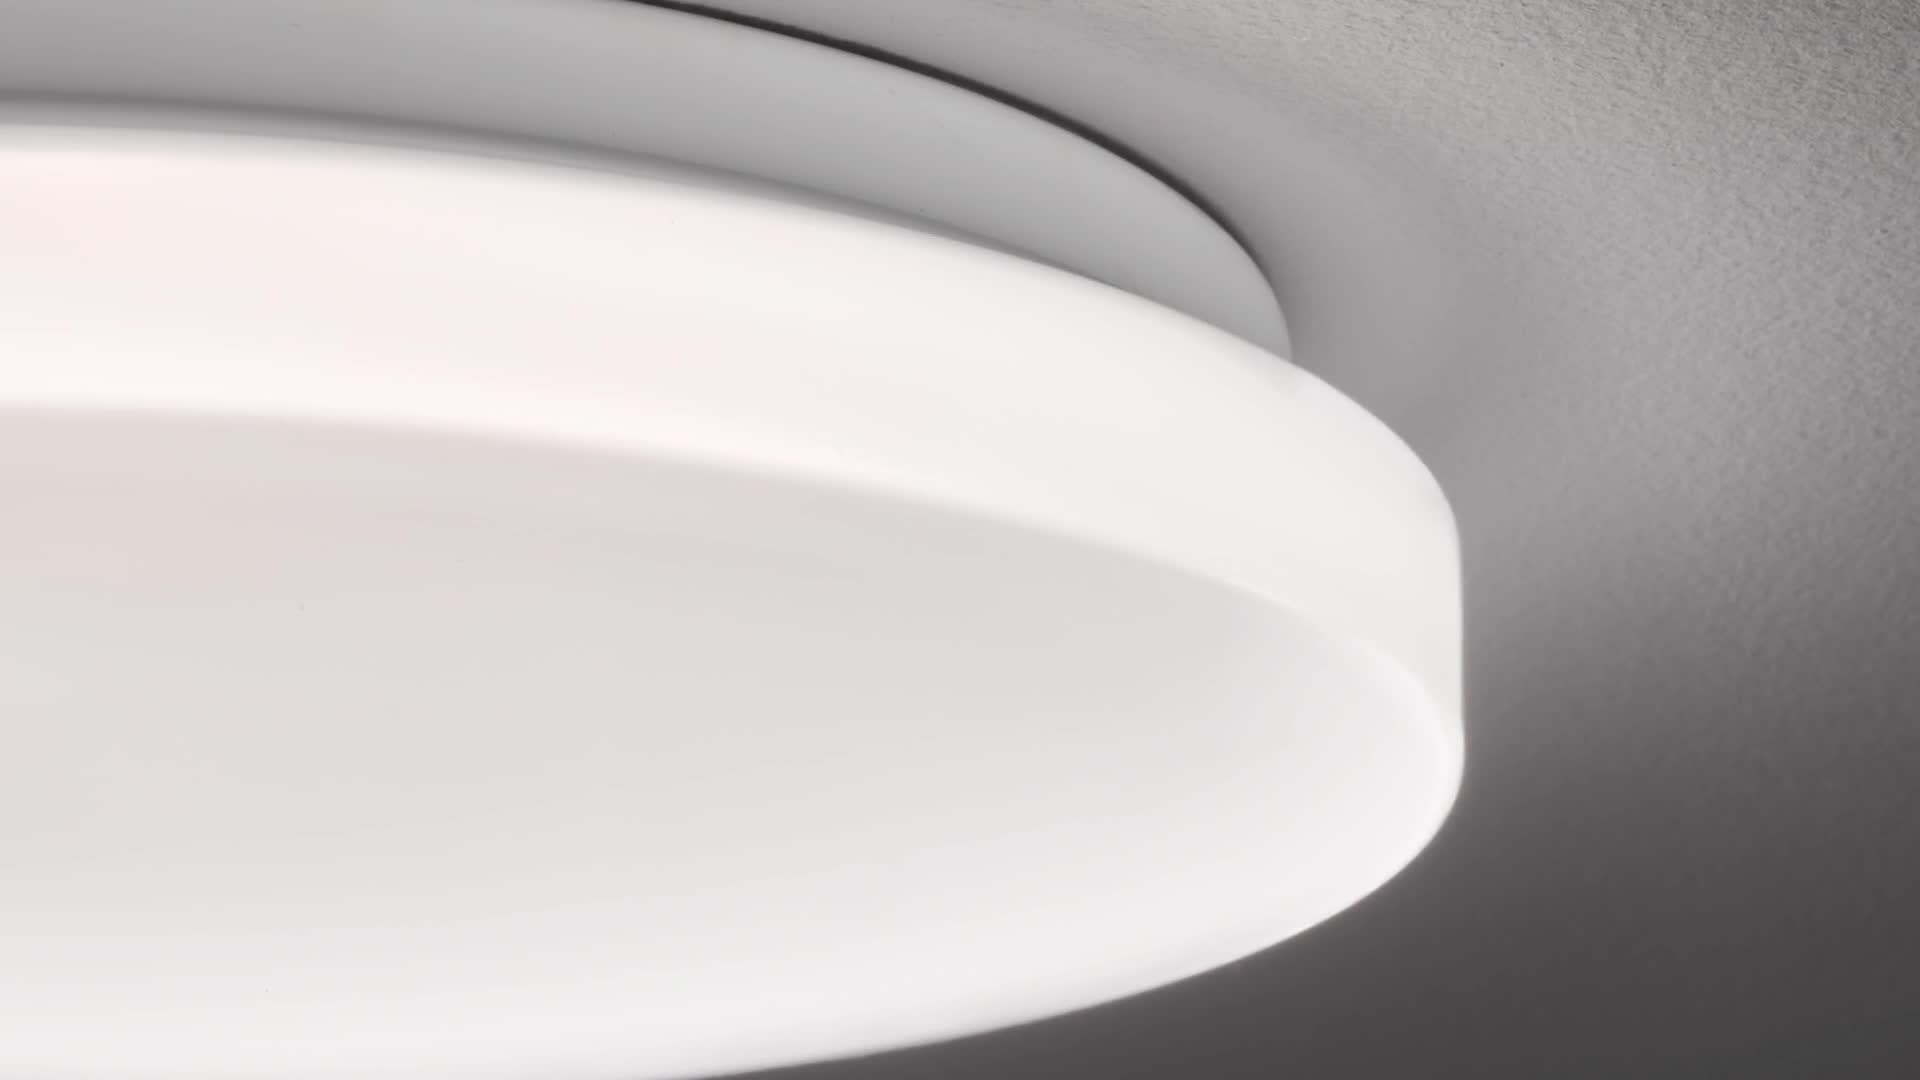 Eglo Deckenlampe Pogliola Ø 26 Cm 1 Flammige Wandlampe Led Deckenleuchte Aus Stahl Und Kunststoff In Weiß Wohnzimmerlampe Küchenlampe Bürolampe Flurlampe Decke Beleuchtung